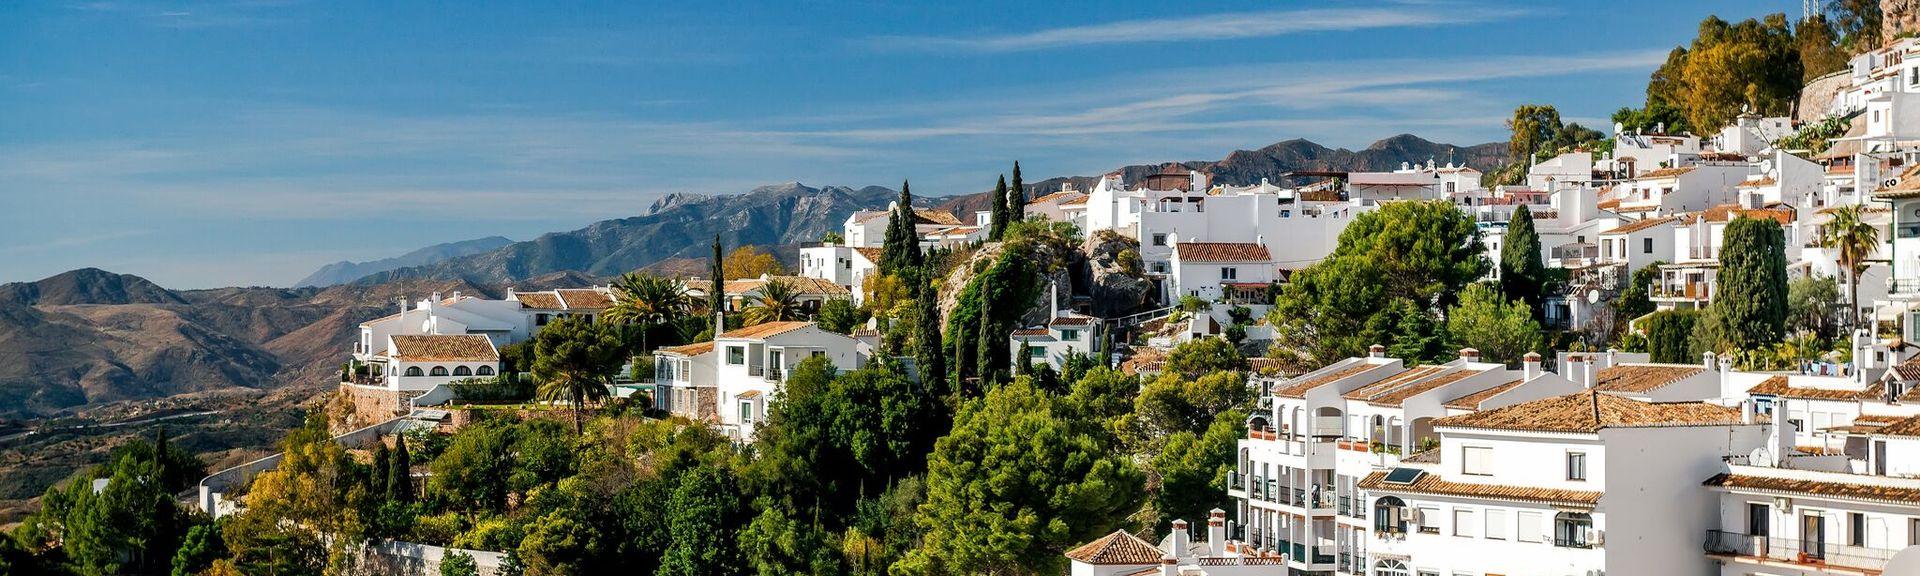 Mijas, Andaluzia, Espanha